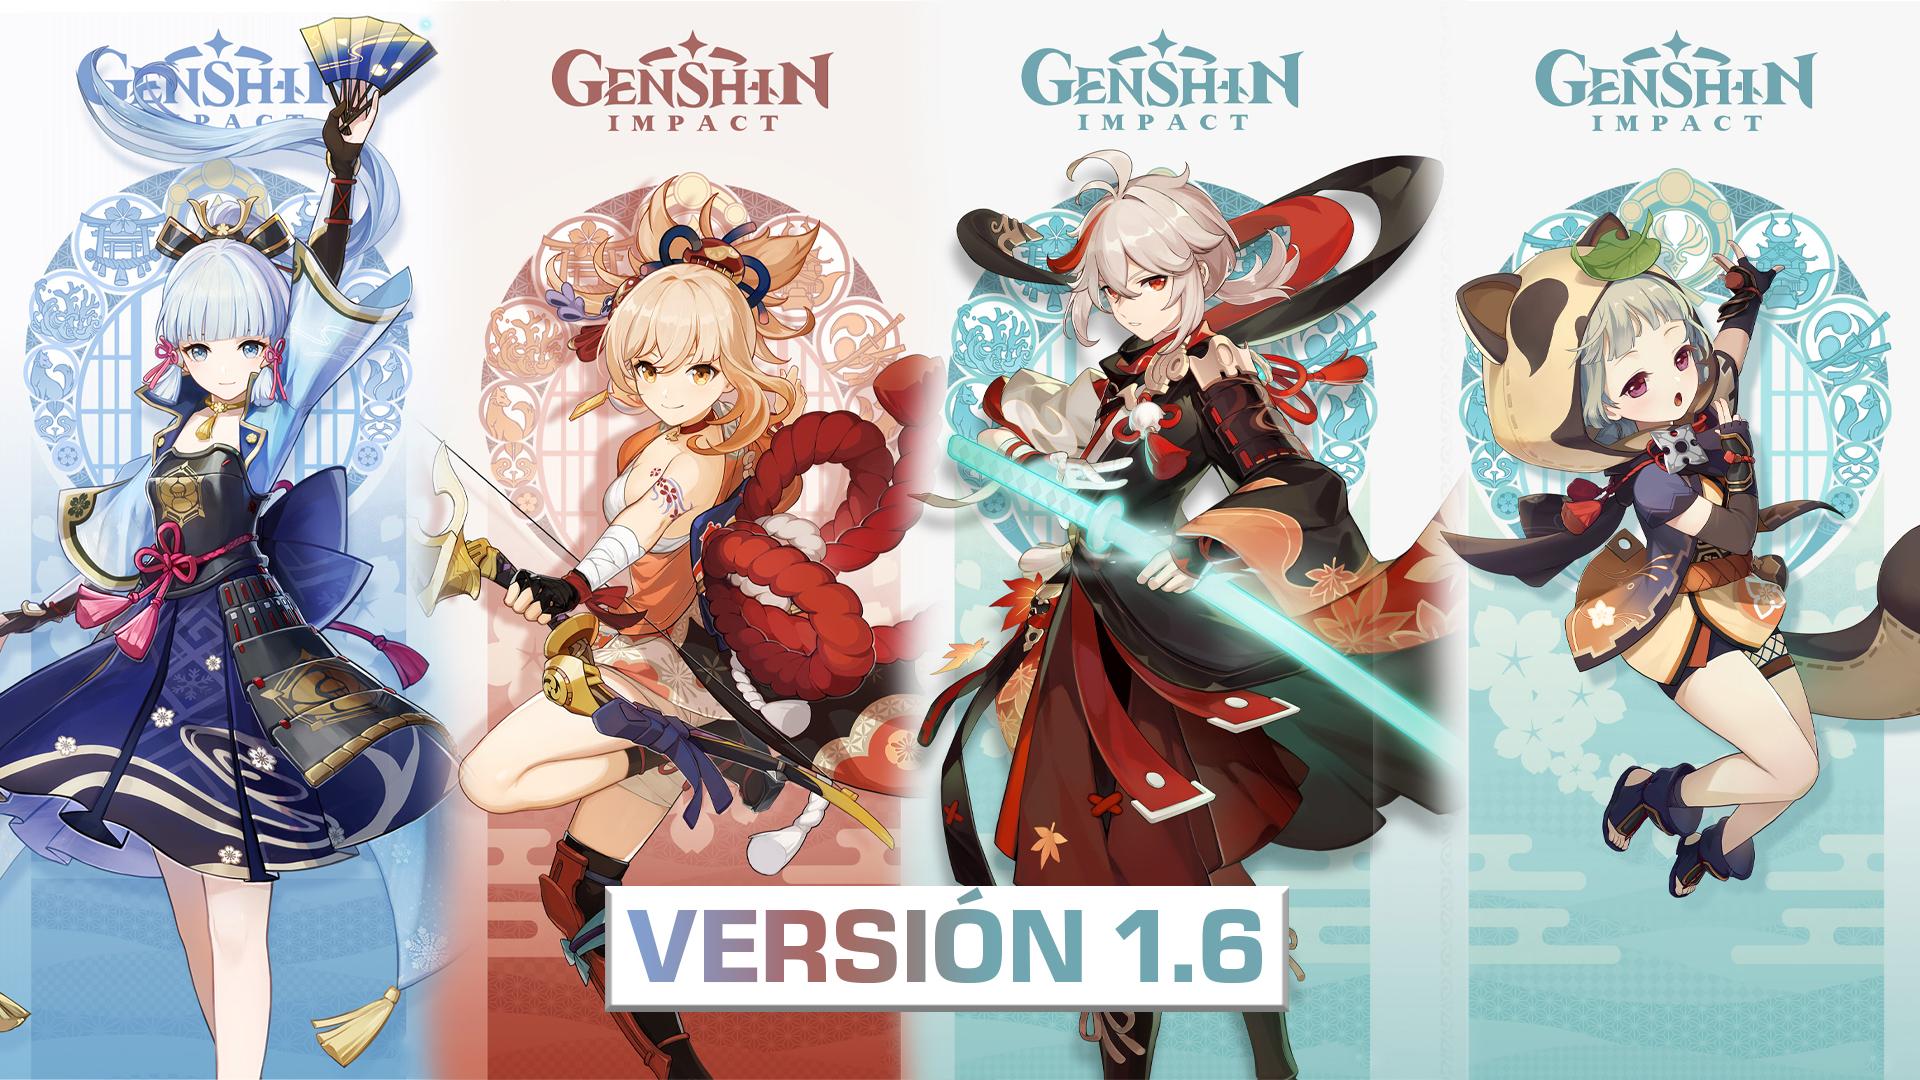 Genshin Impact versión 1.6 ¡Verano, islas, aventuras!